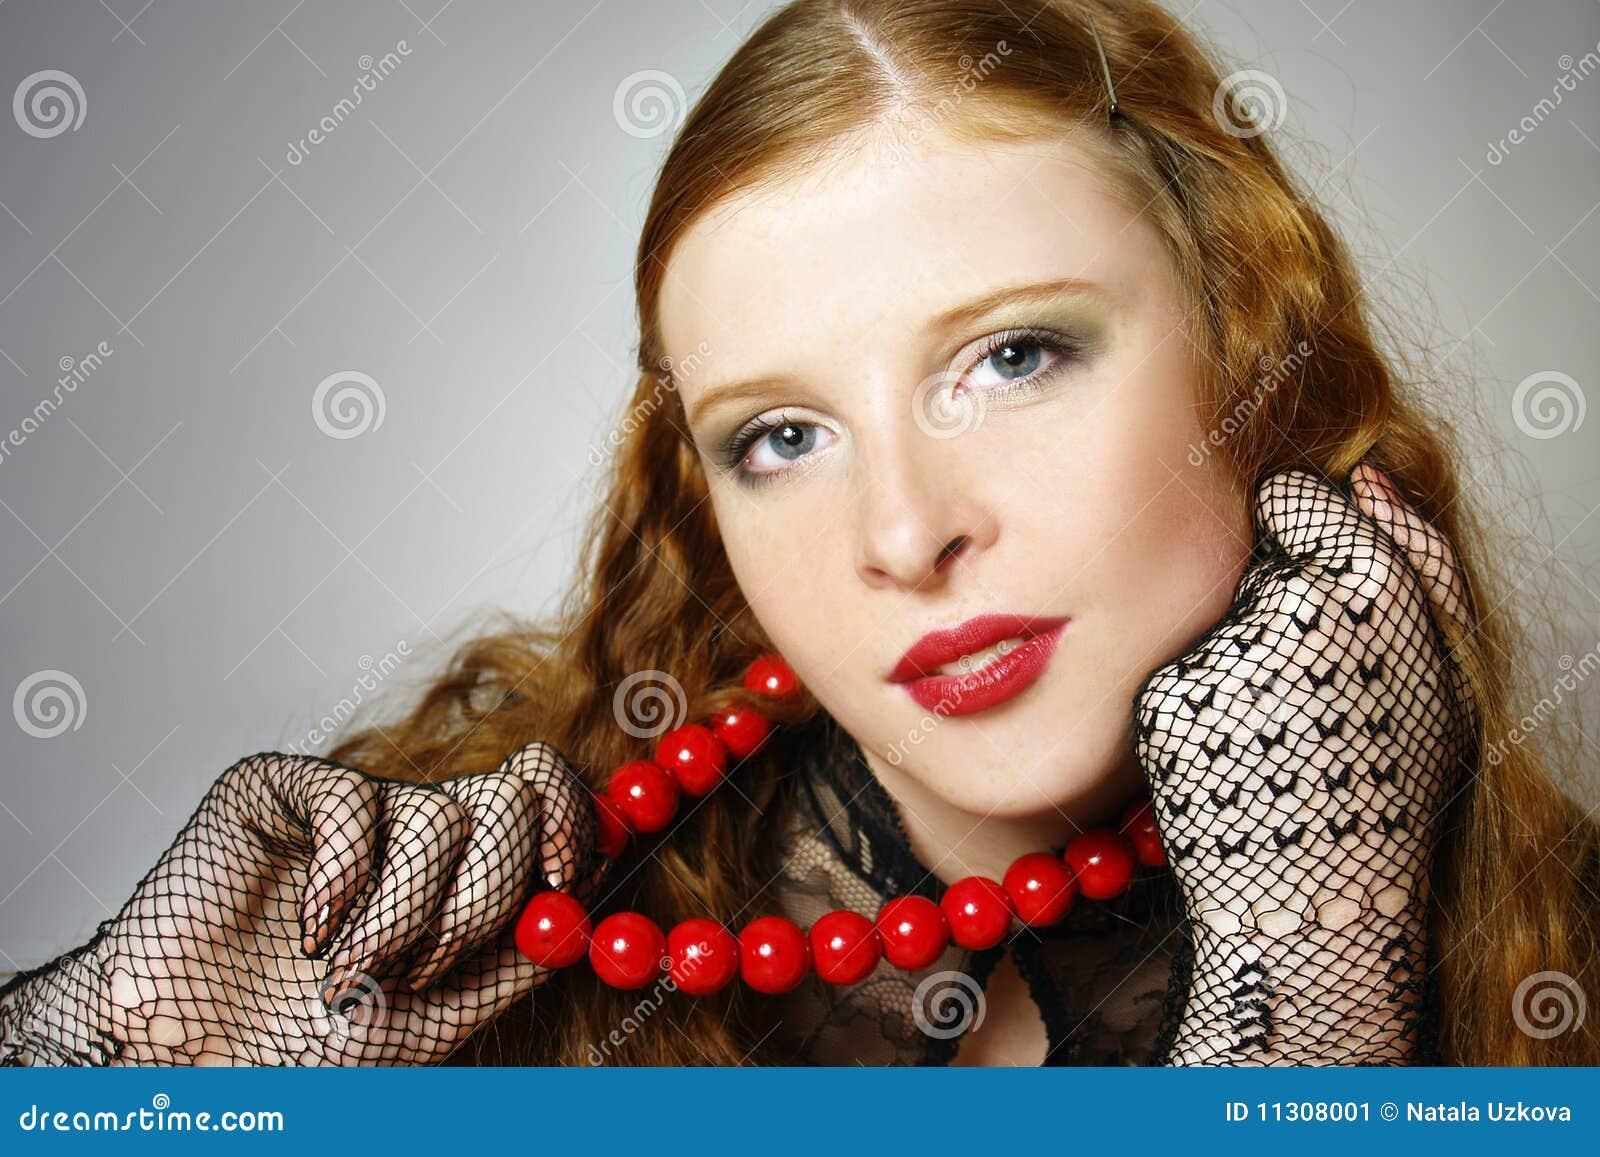 Portrait des Mädchens mit dem roten langen Haar.